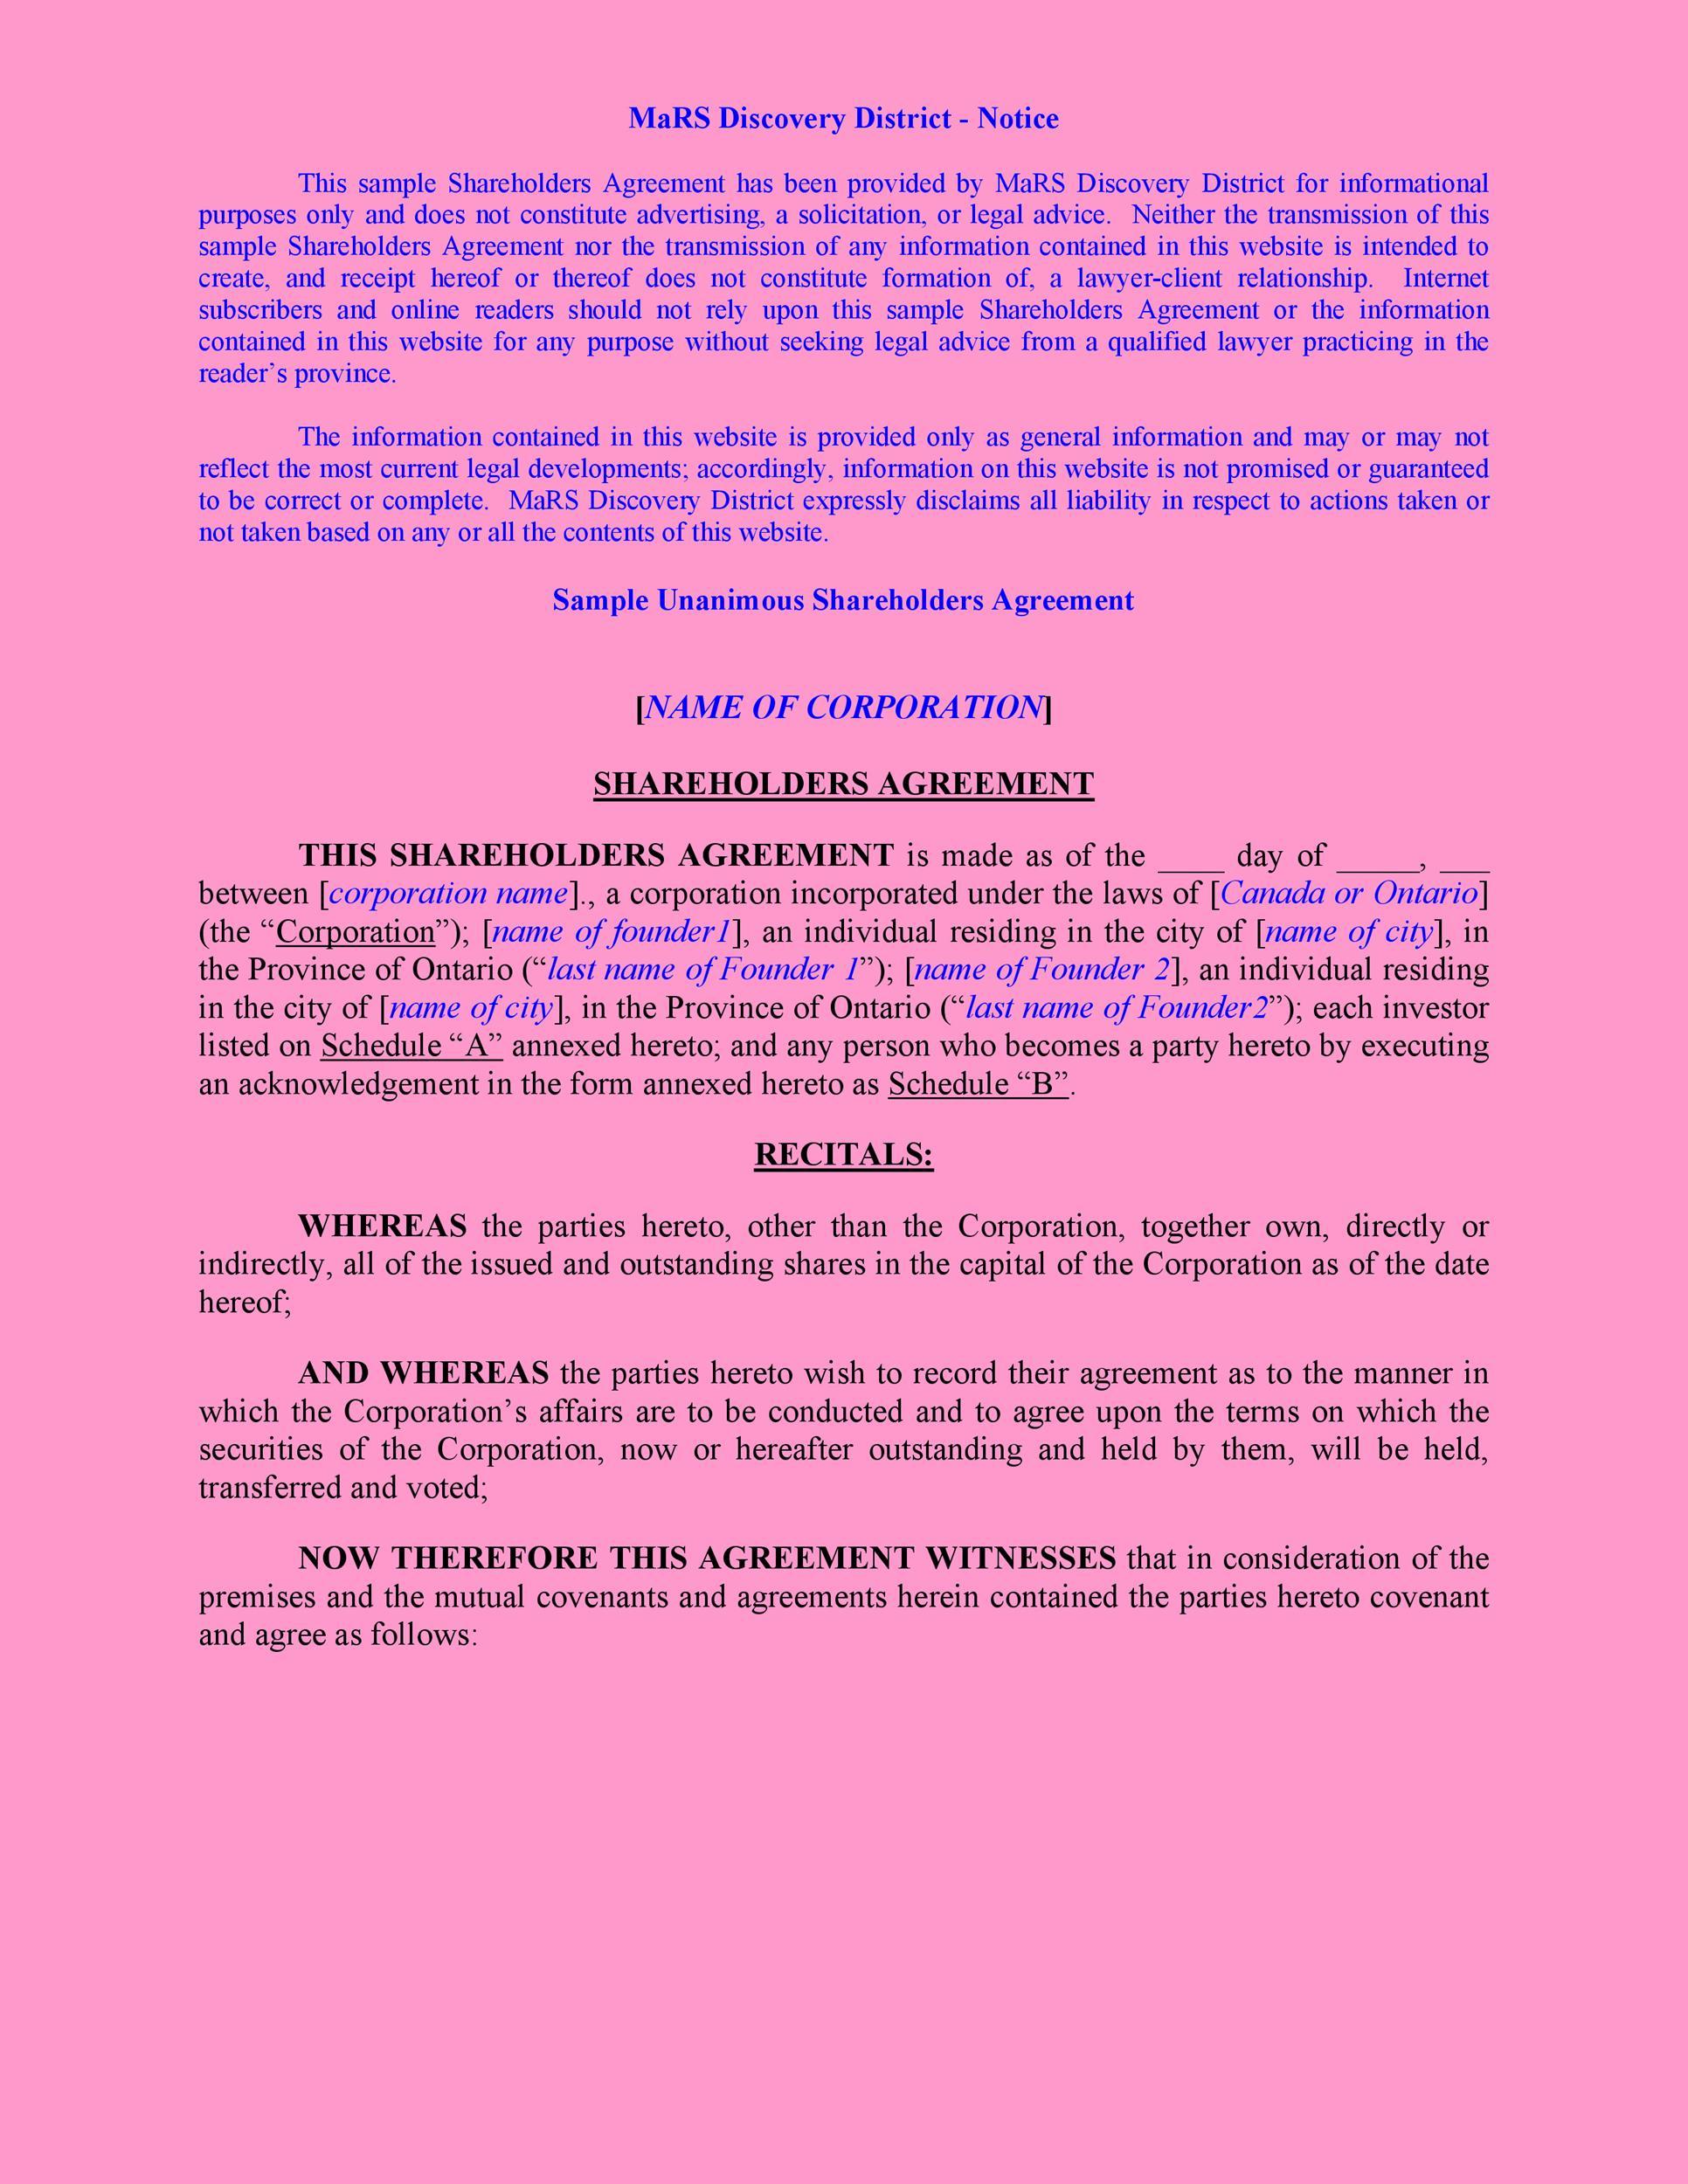 Free shareholder agreement 41